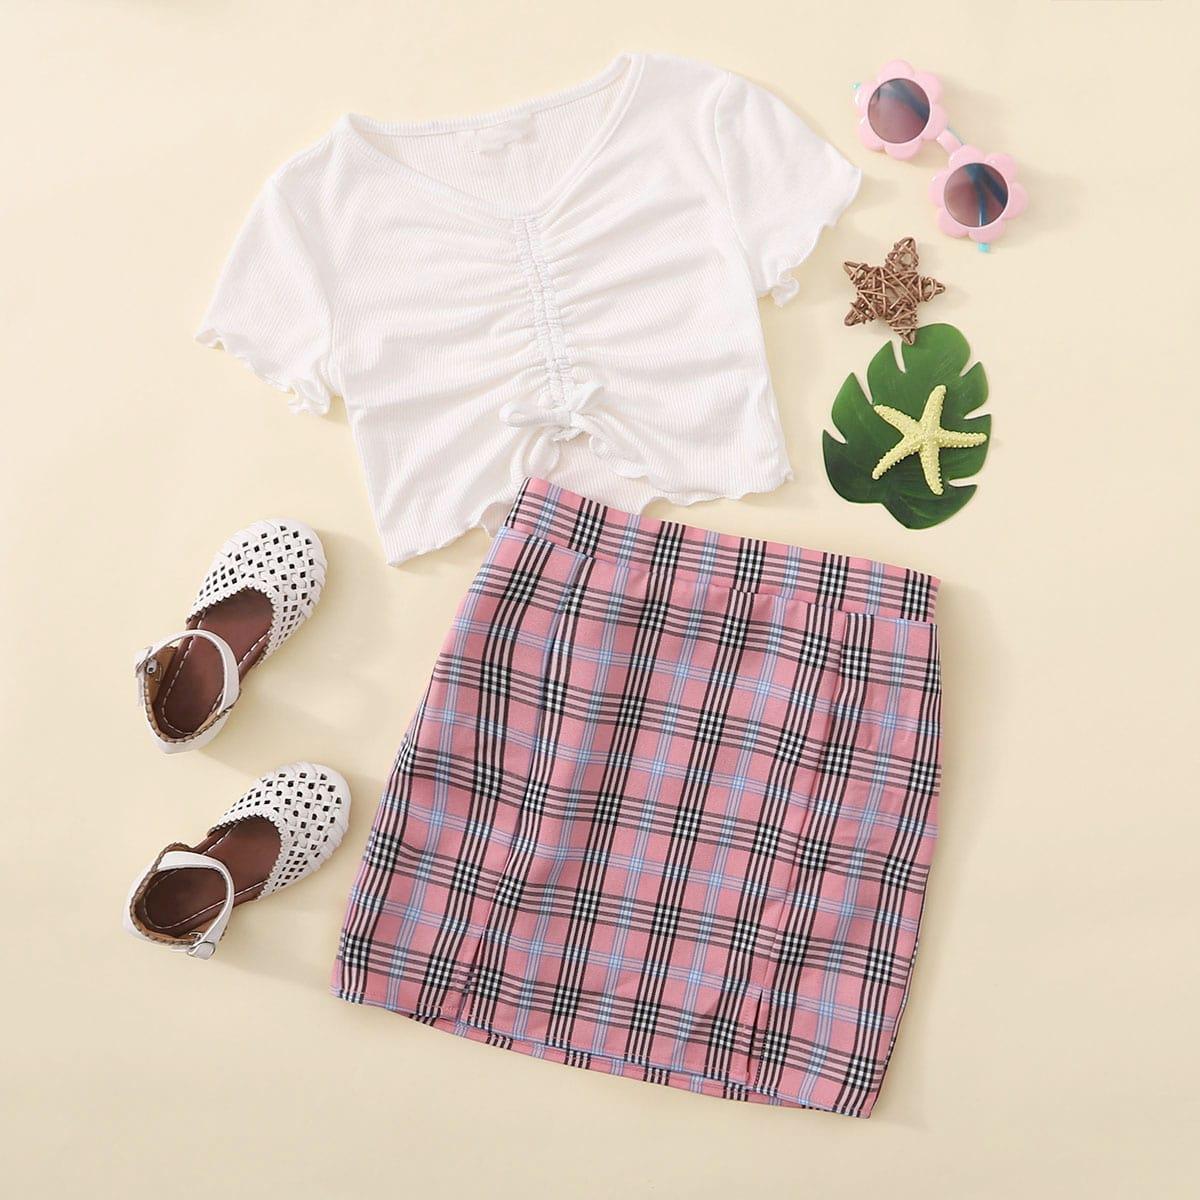 Футболка на кулиске и юбка в клетку для девочек от SHEIN